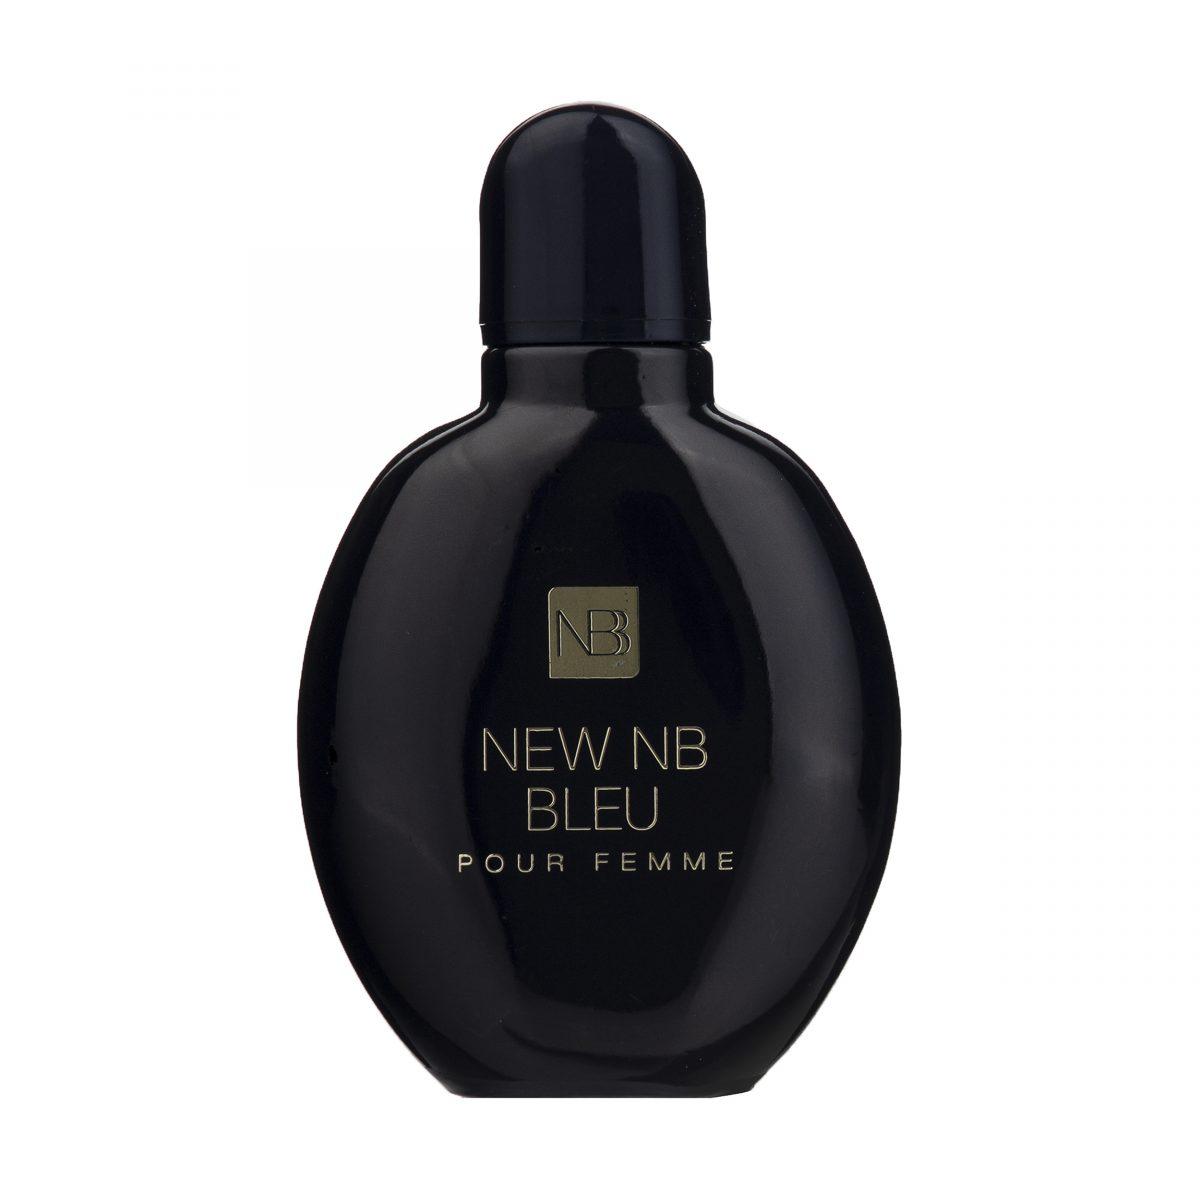 ادو پرفیوم زنانه رودیر مدل New NB Bleu حجم 100 میلیلیتر